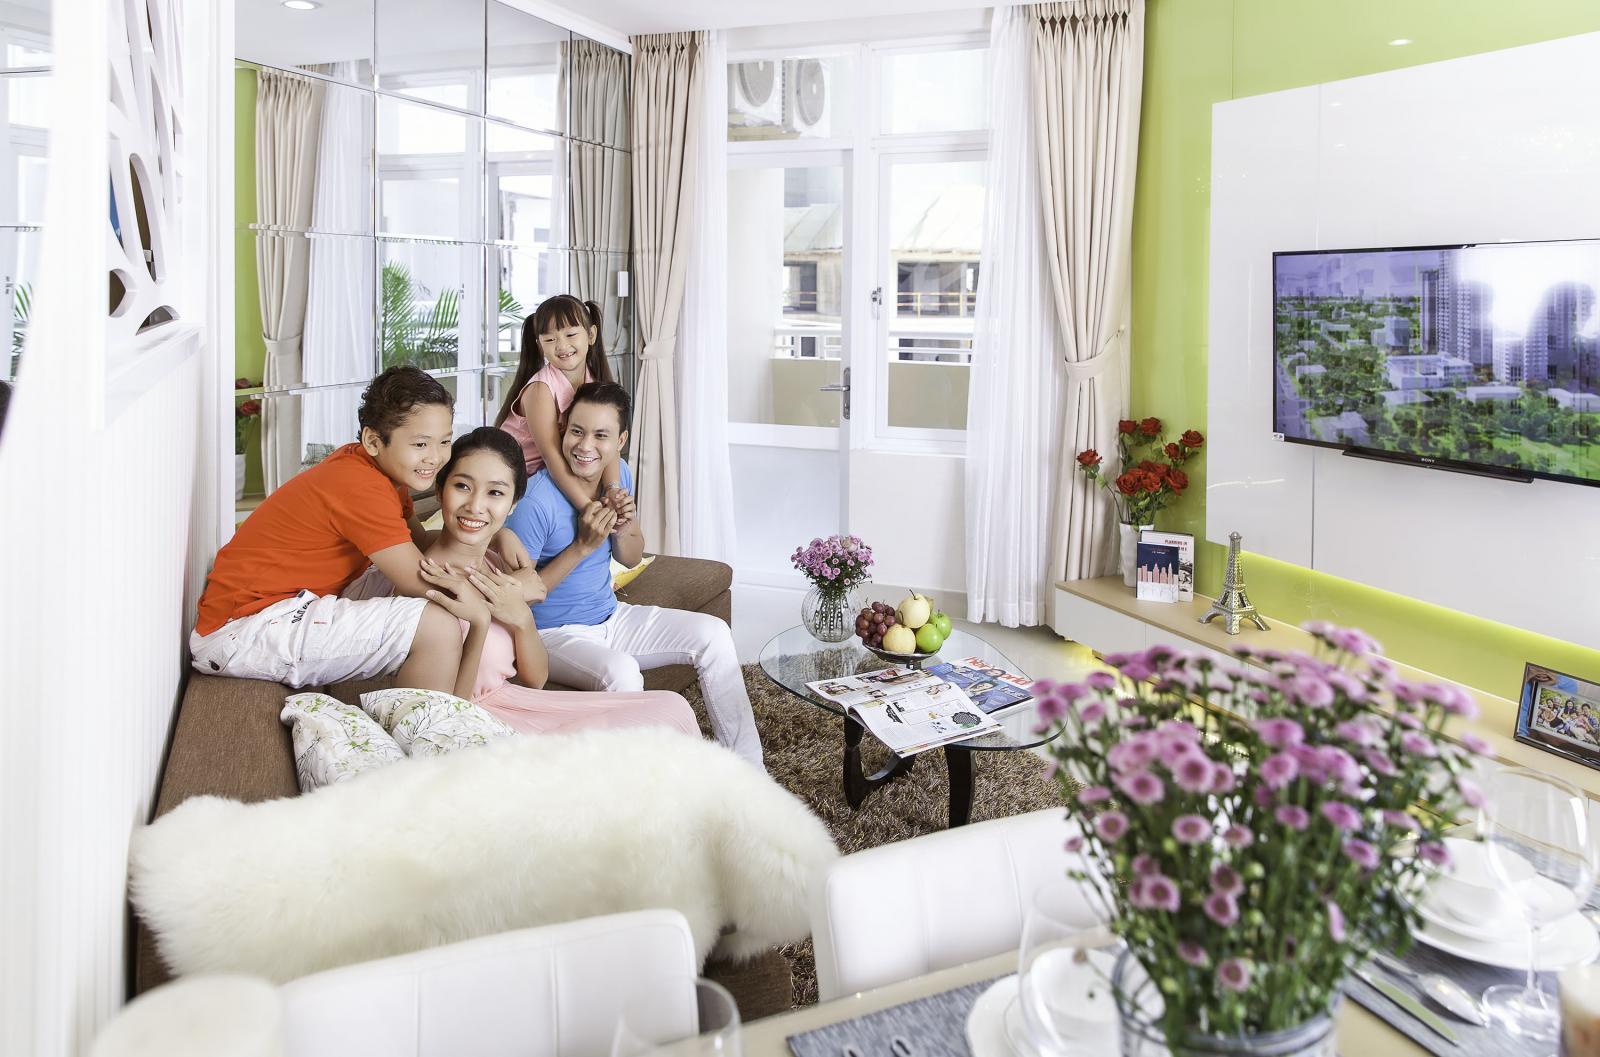 gia đình 4 thành viên đang ngồi trên sofa trong phòng khách căn hộ